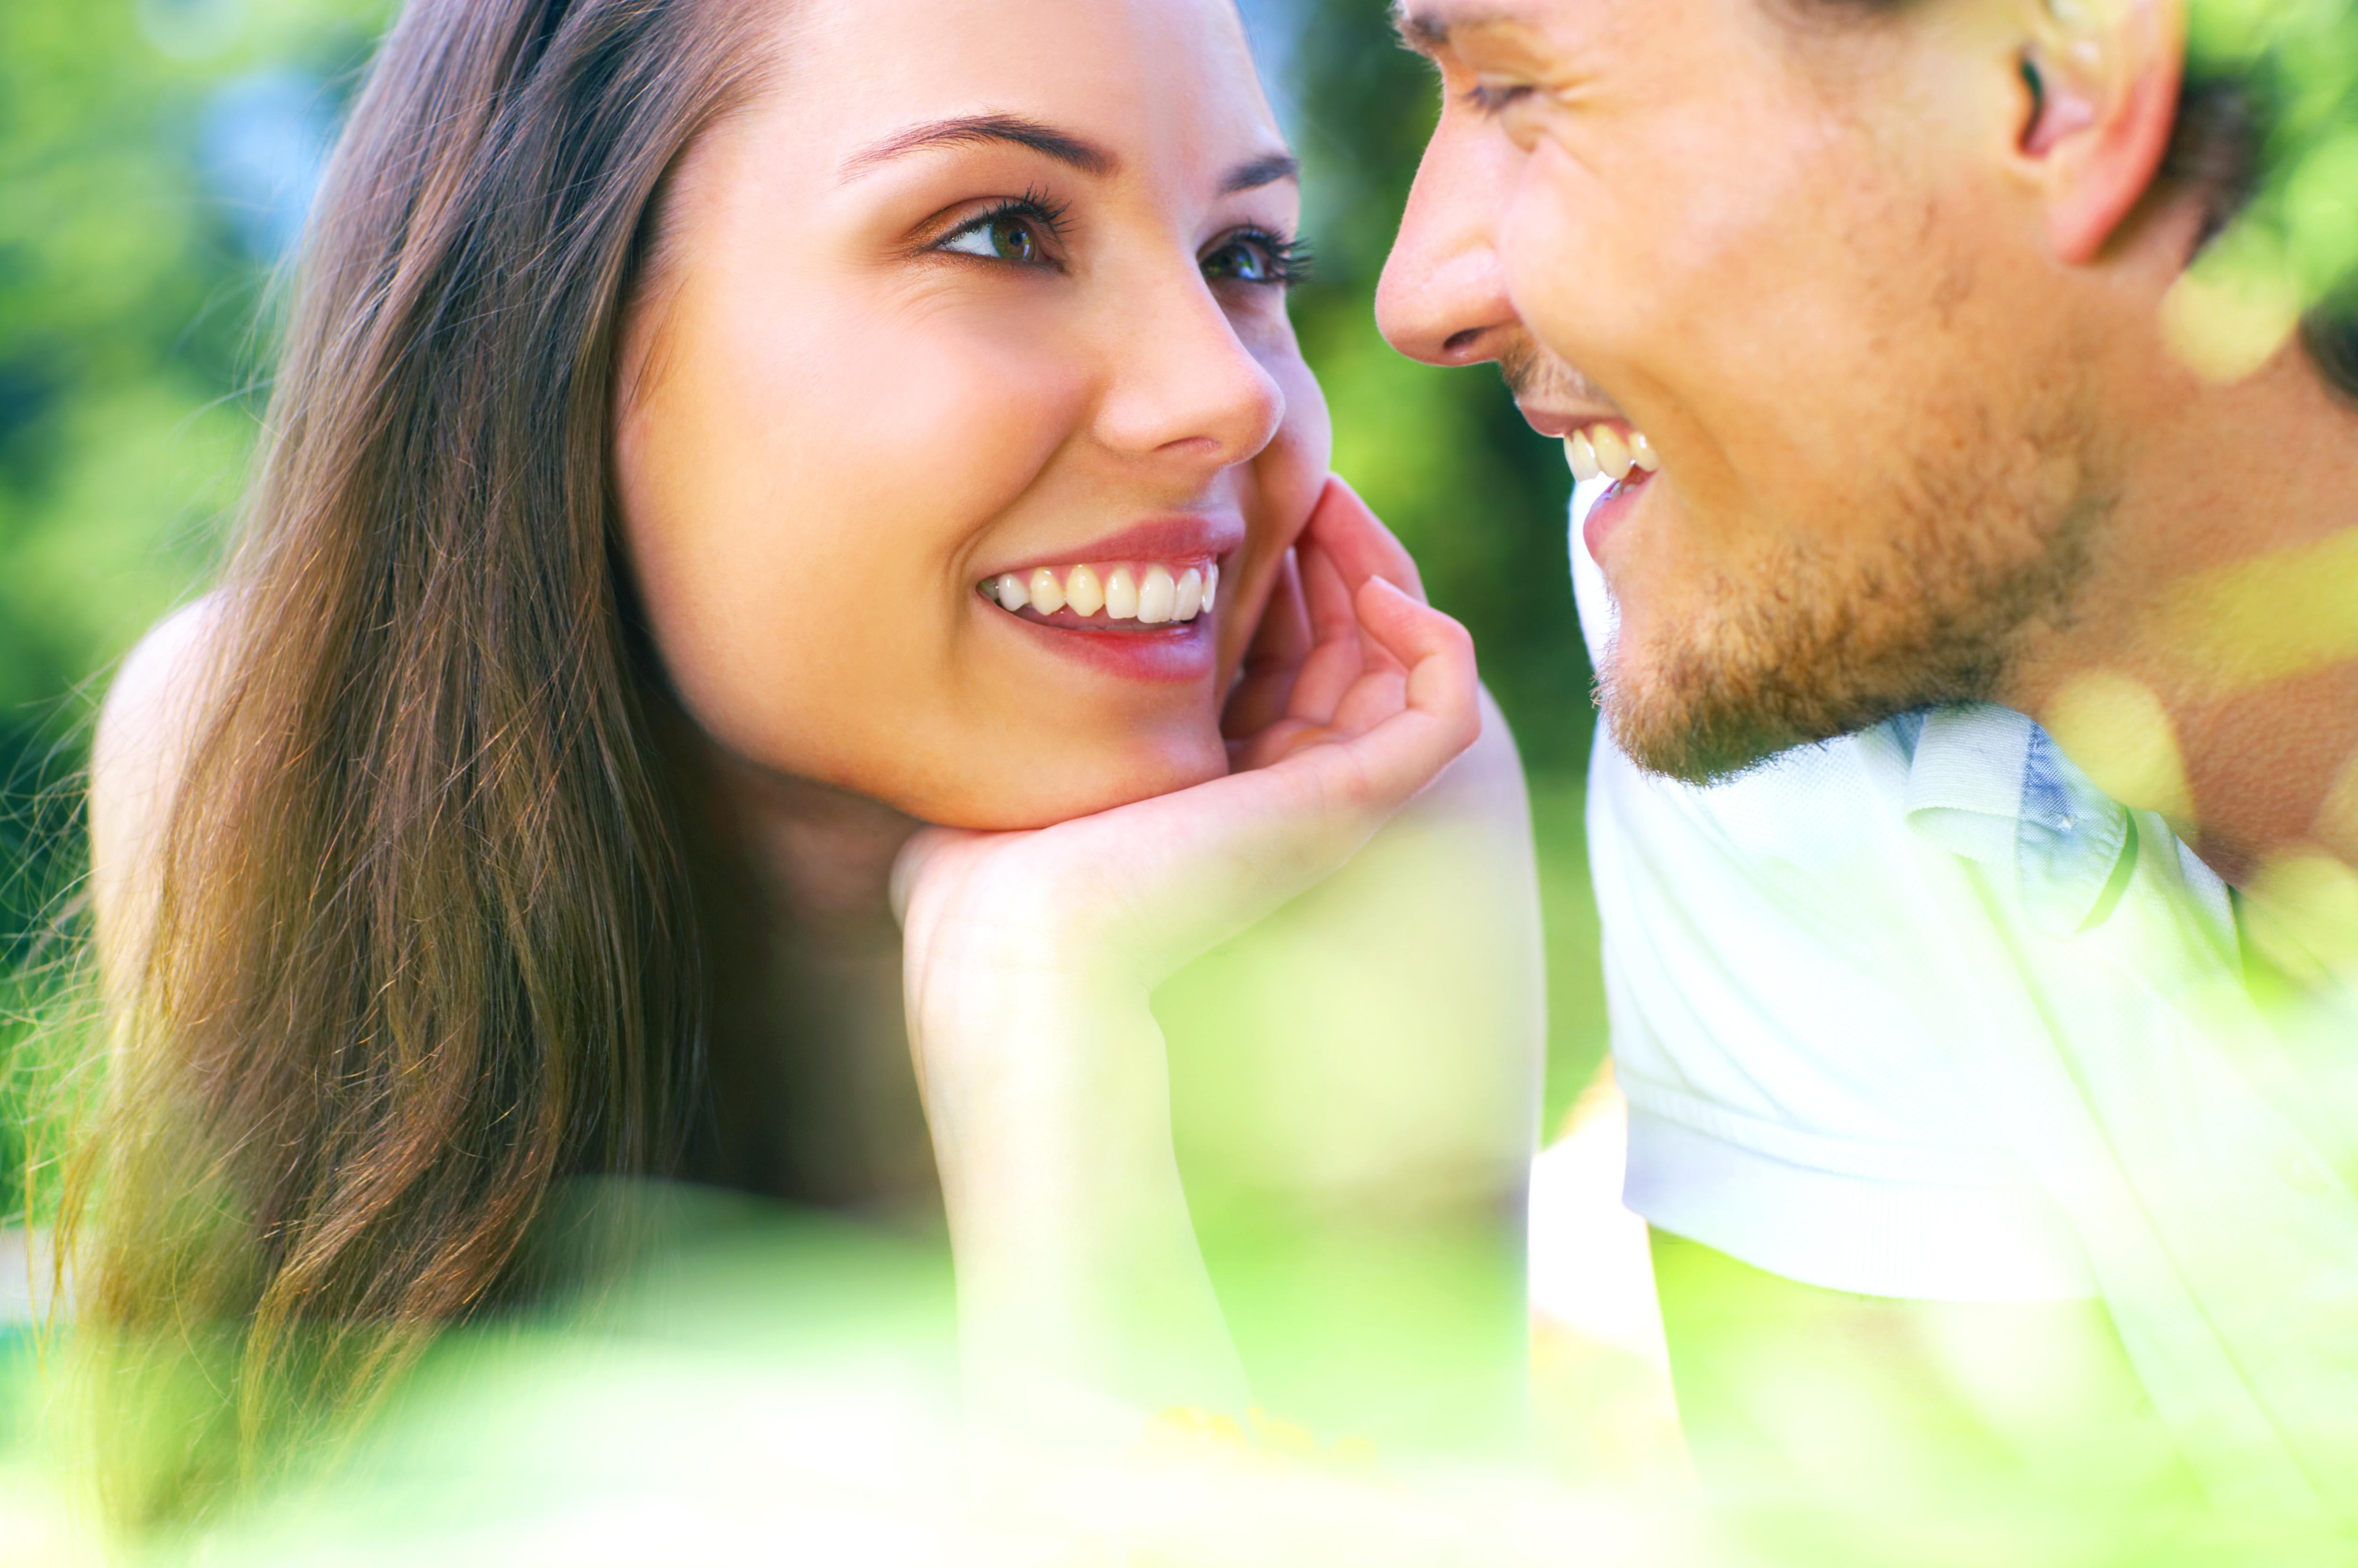 женщины любят на фото брюнетка высовывает язык